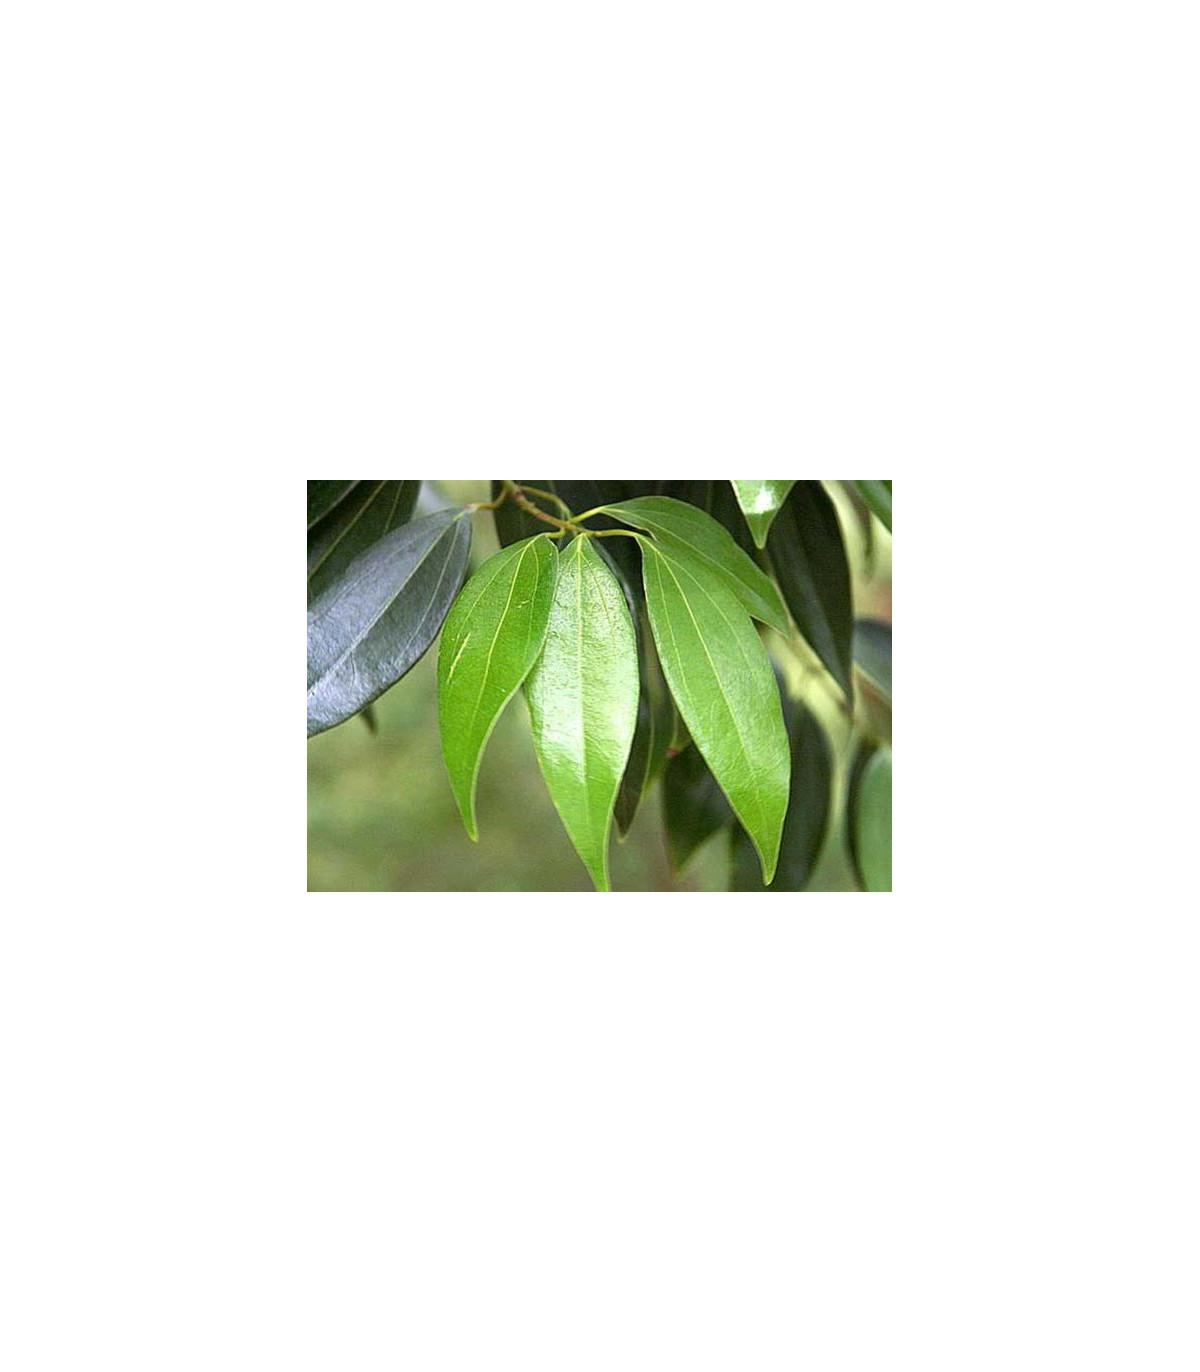 Gáfrovník lekársky - Cinnamomum camphora - semená - 6 ks